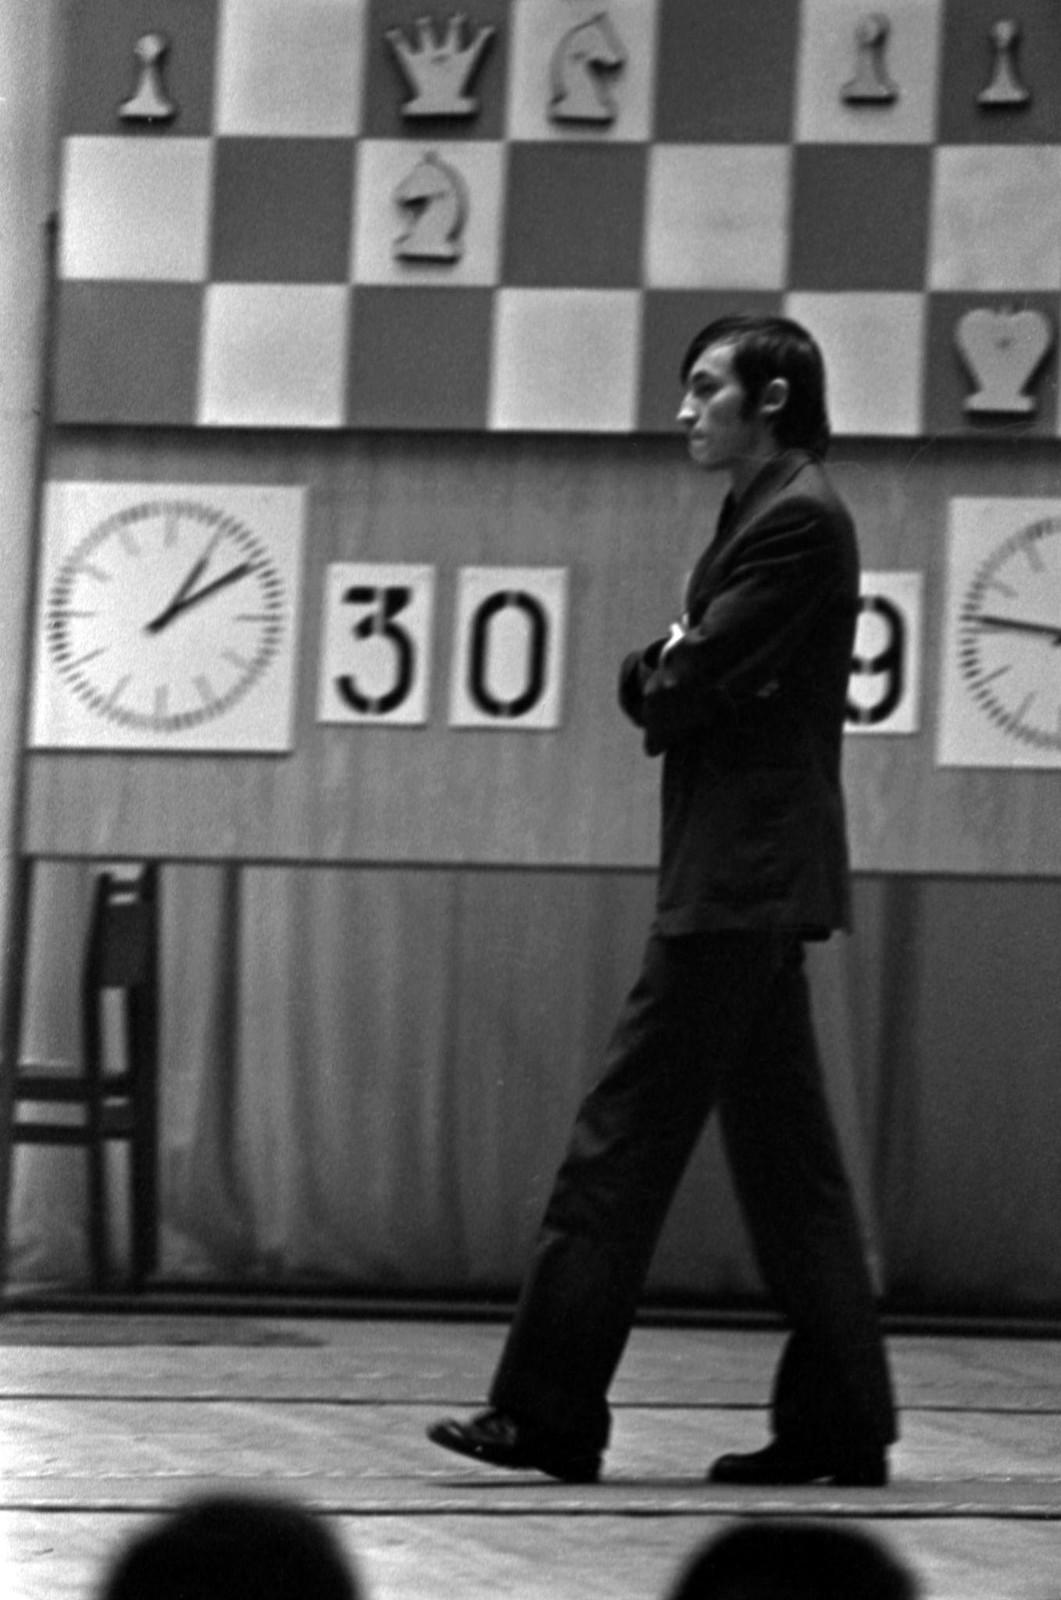 1975. Шахматный матч между Виктором Корчным и Анатолием Карповым в Колонном зале Дома Союзов